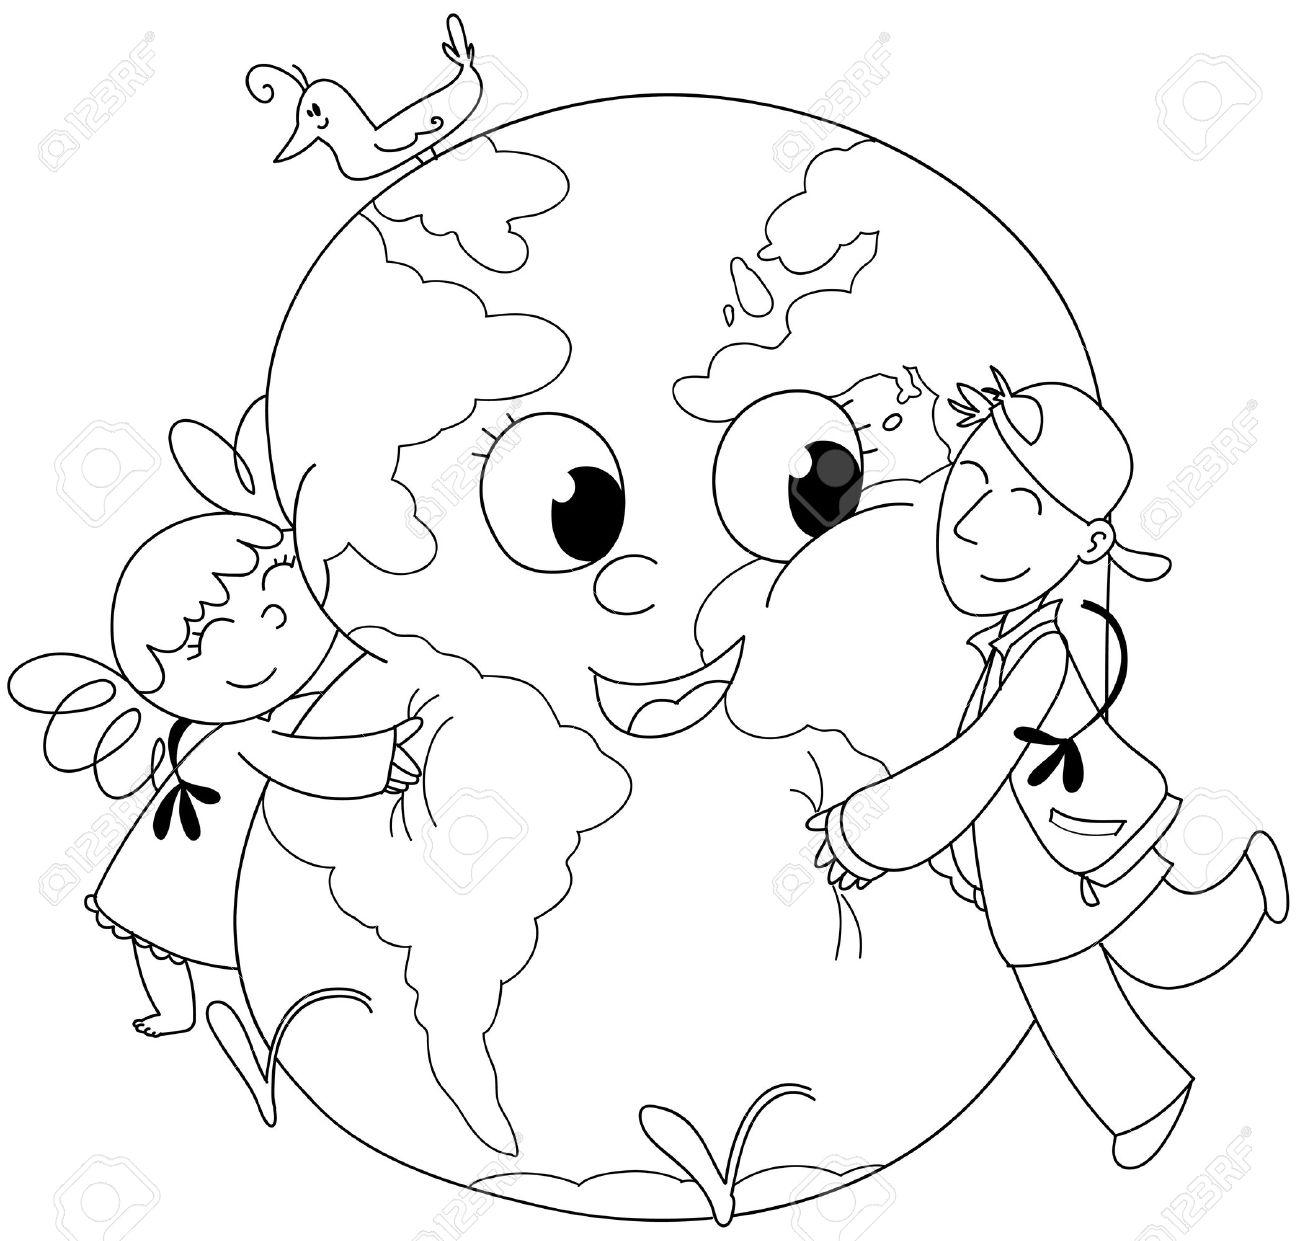 Dibujos Para Colorear La Ilustración De Dos Niños Que Abrazan Una ...